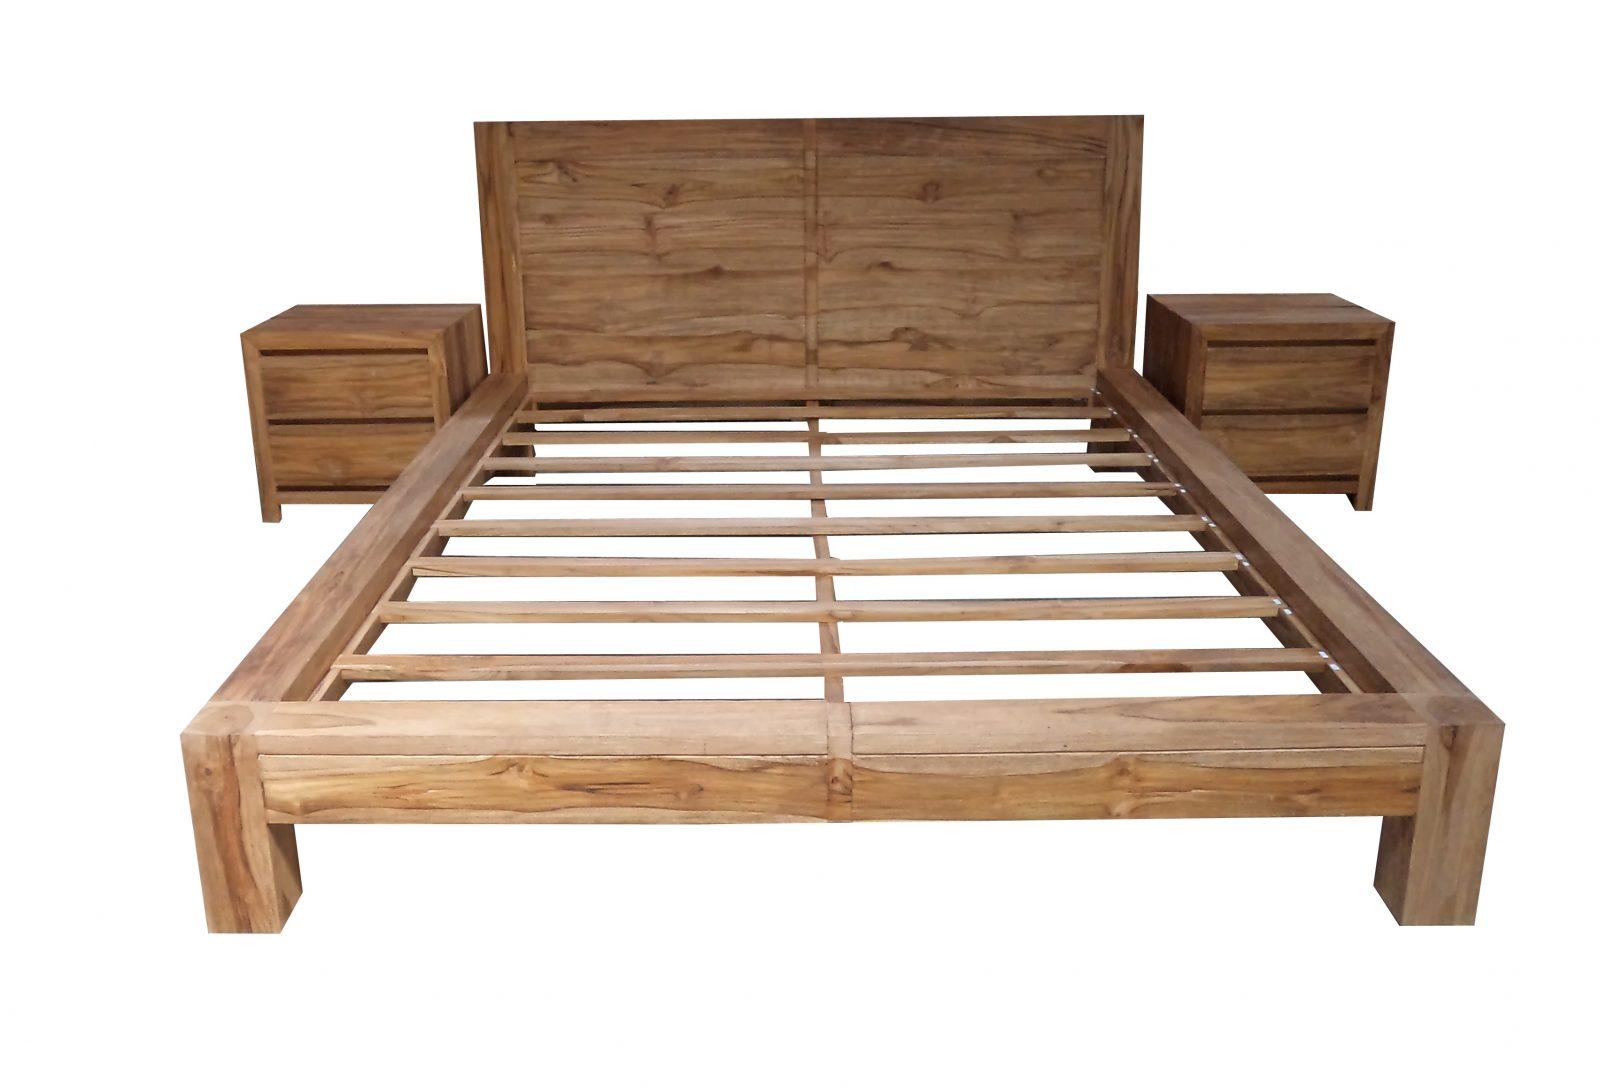 Co Op Garden Furniture Coop bed indonesia furniture indonesia garden furniture indonesia furniture workwithnaturefo